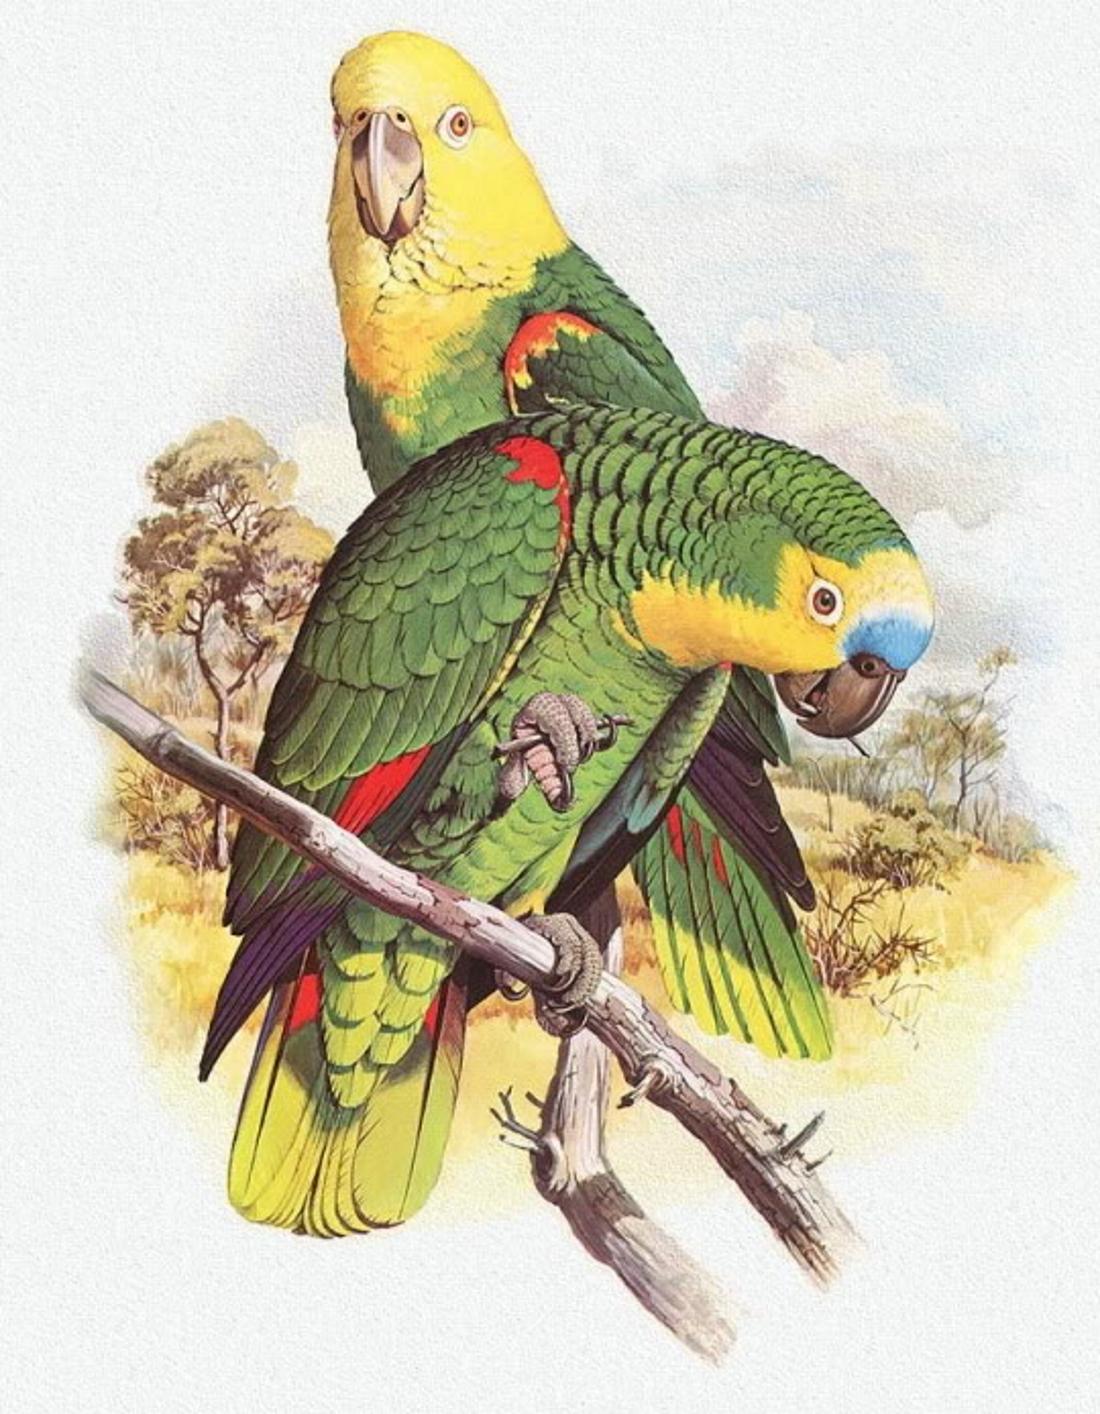 рисунок попугаев как живые моста перевернут соединяется